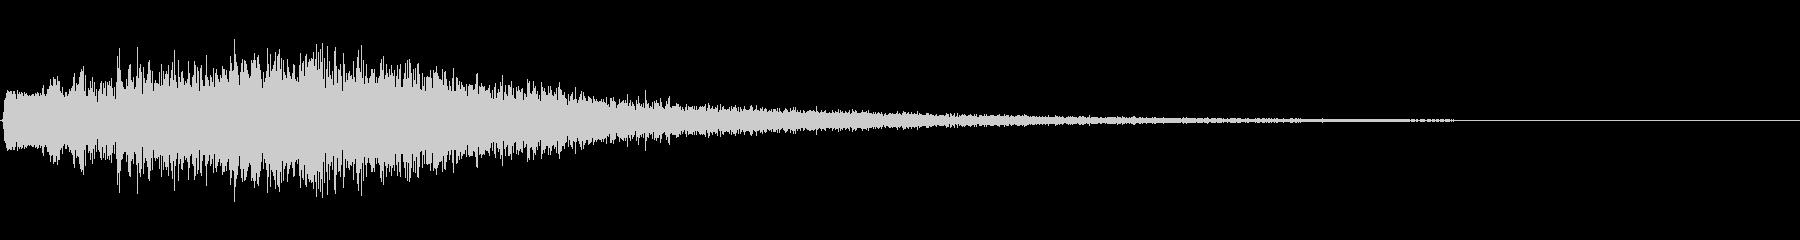 キラリン(決定音)の未再生の波形